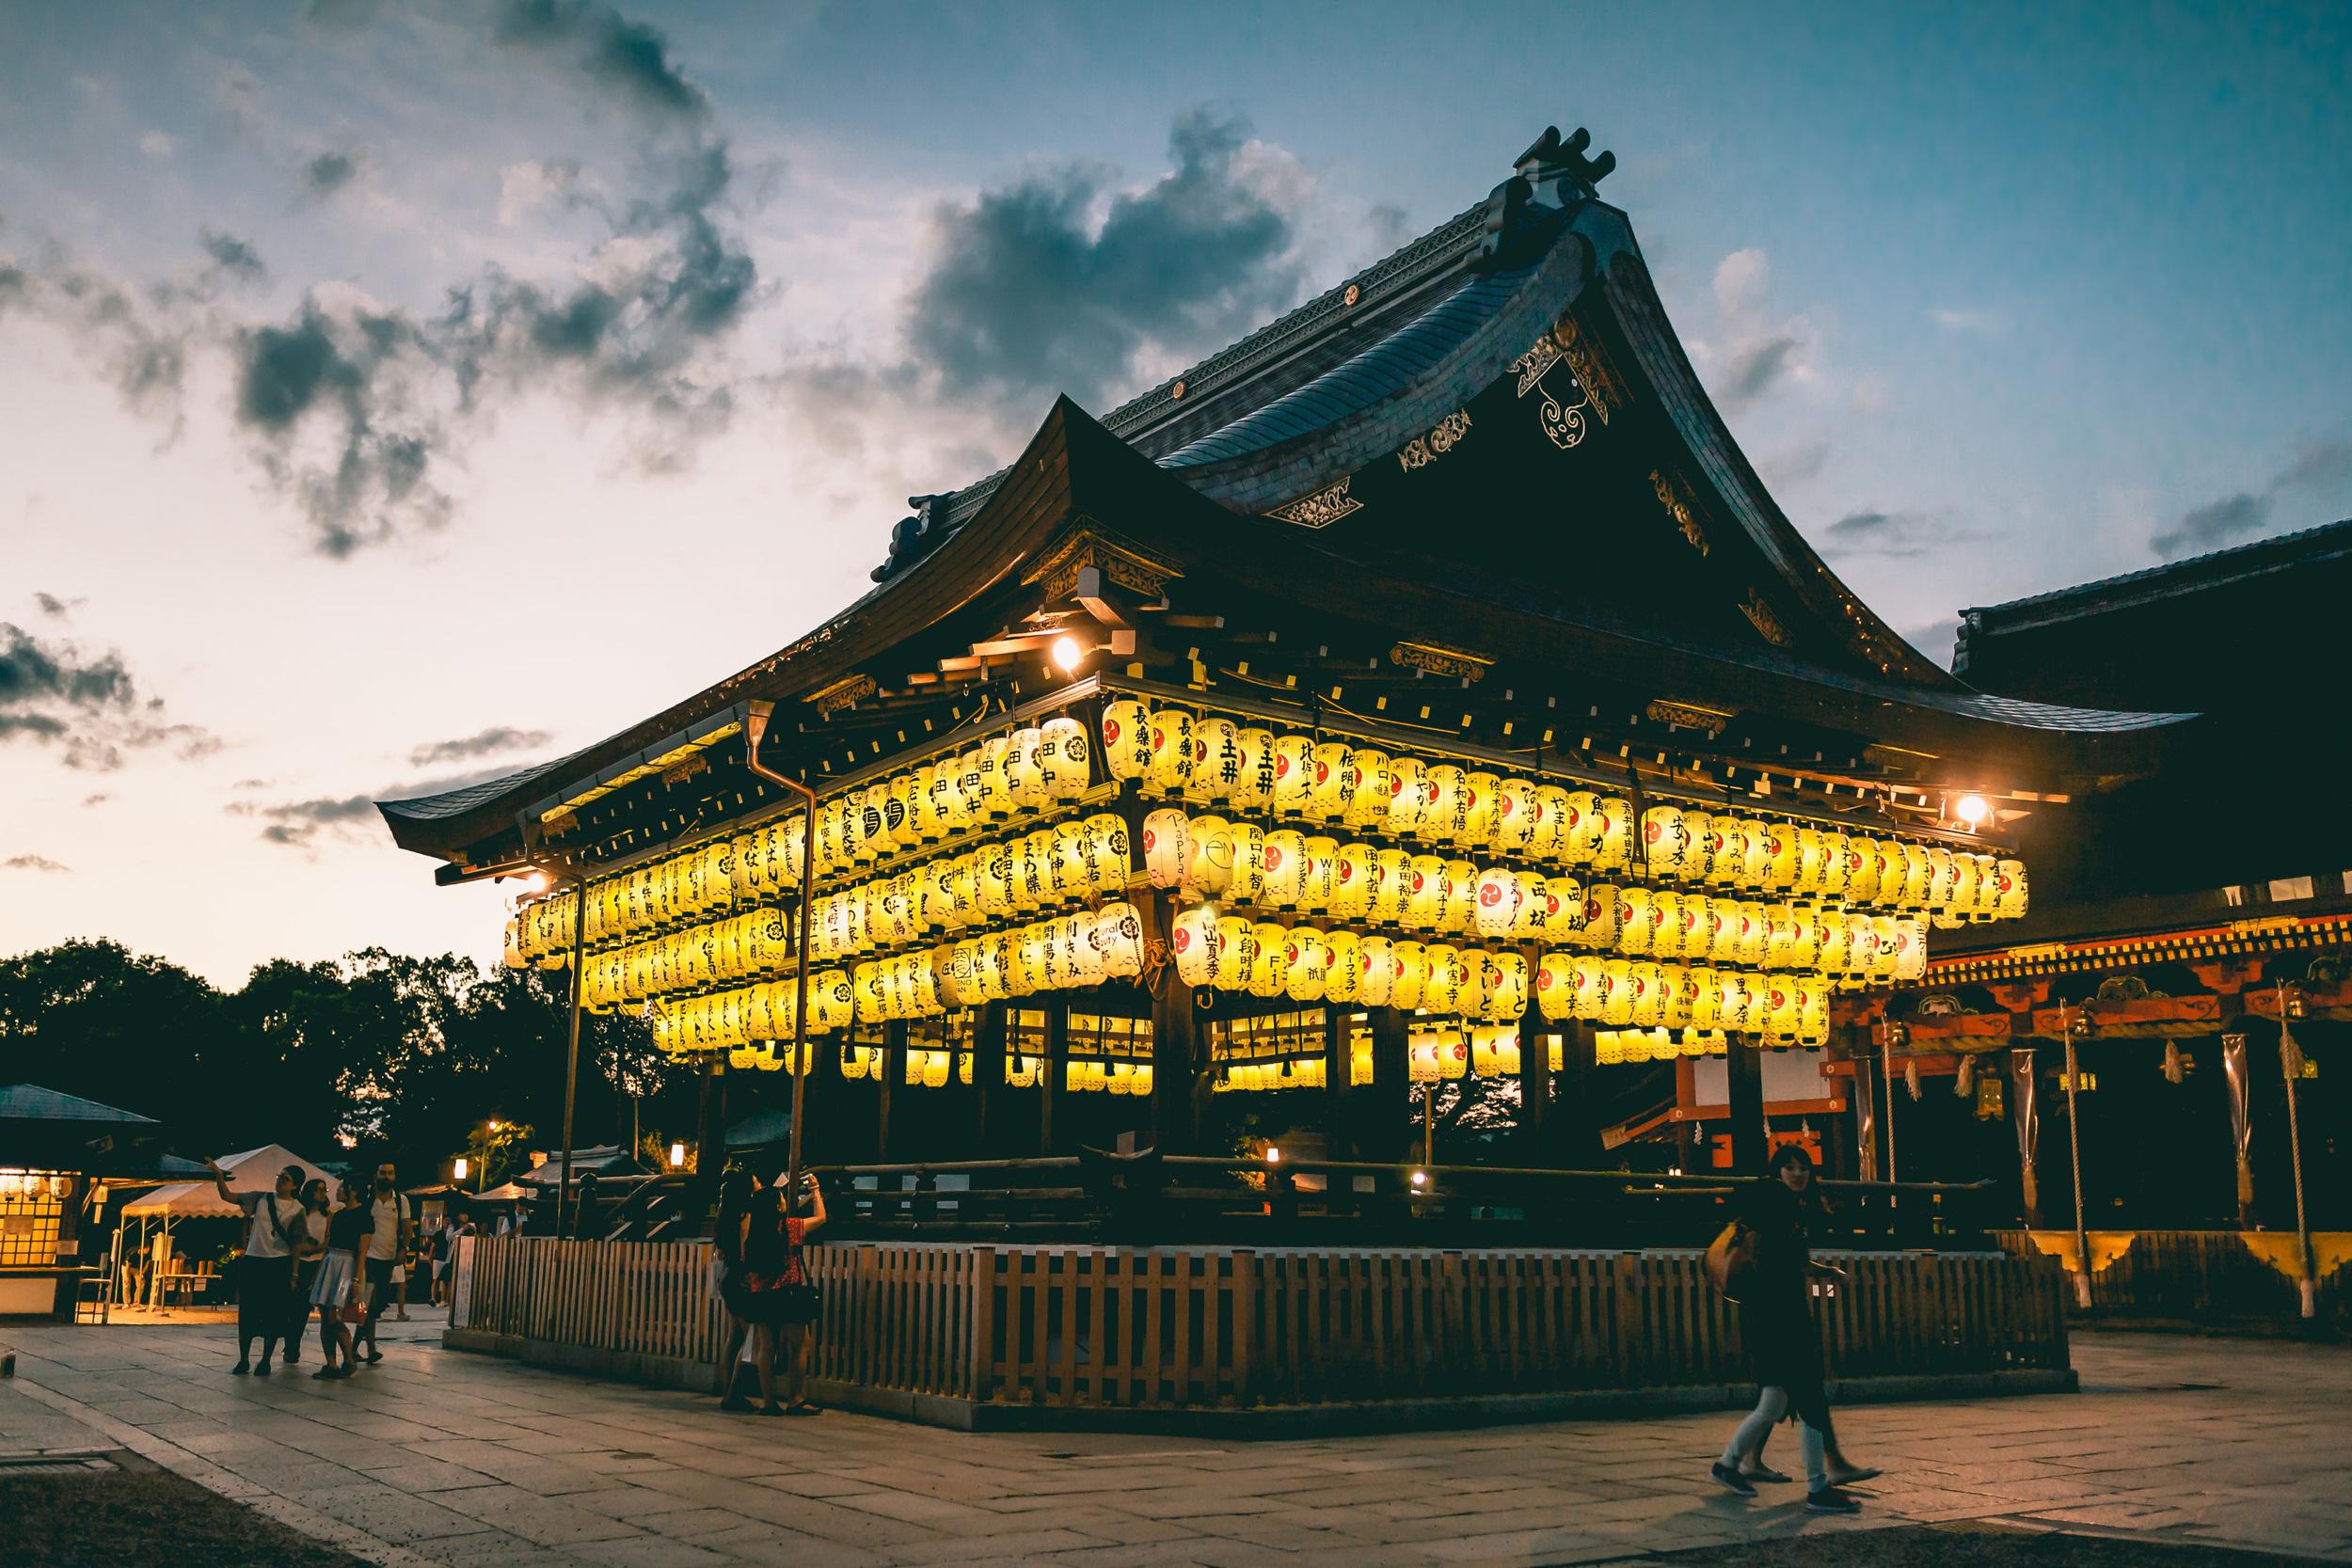 Paper lanterns lit up at sunset at Yasaka Shrine, Kyoto, Japan